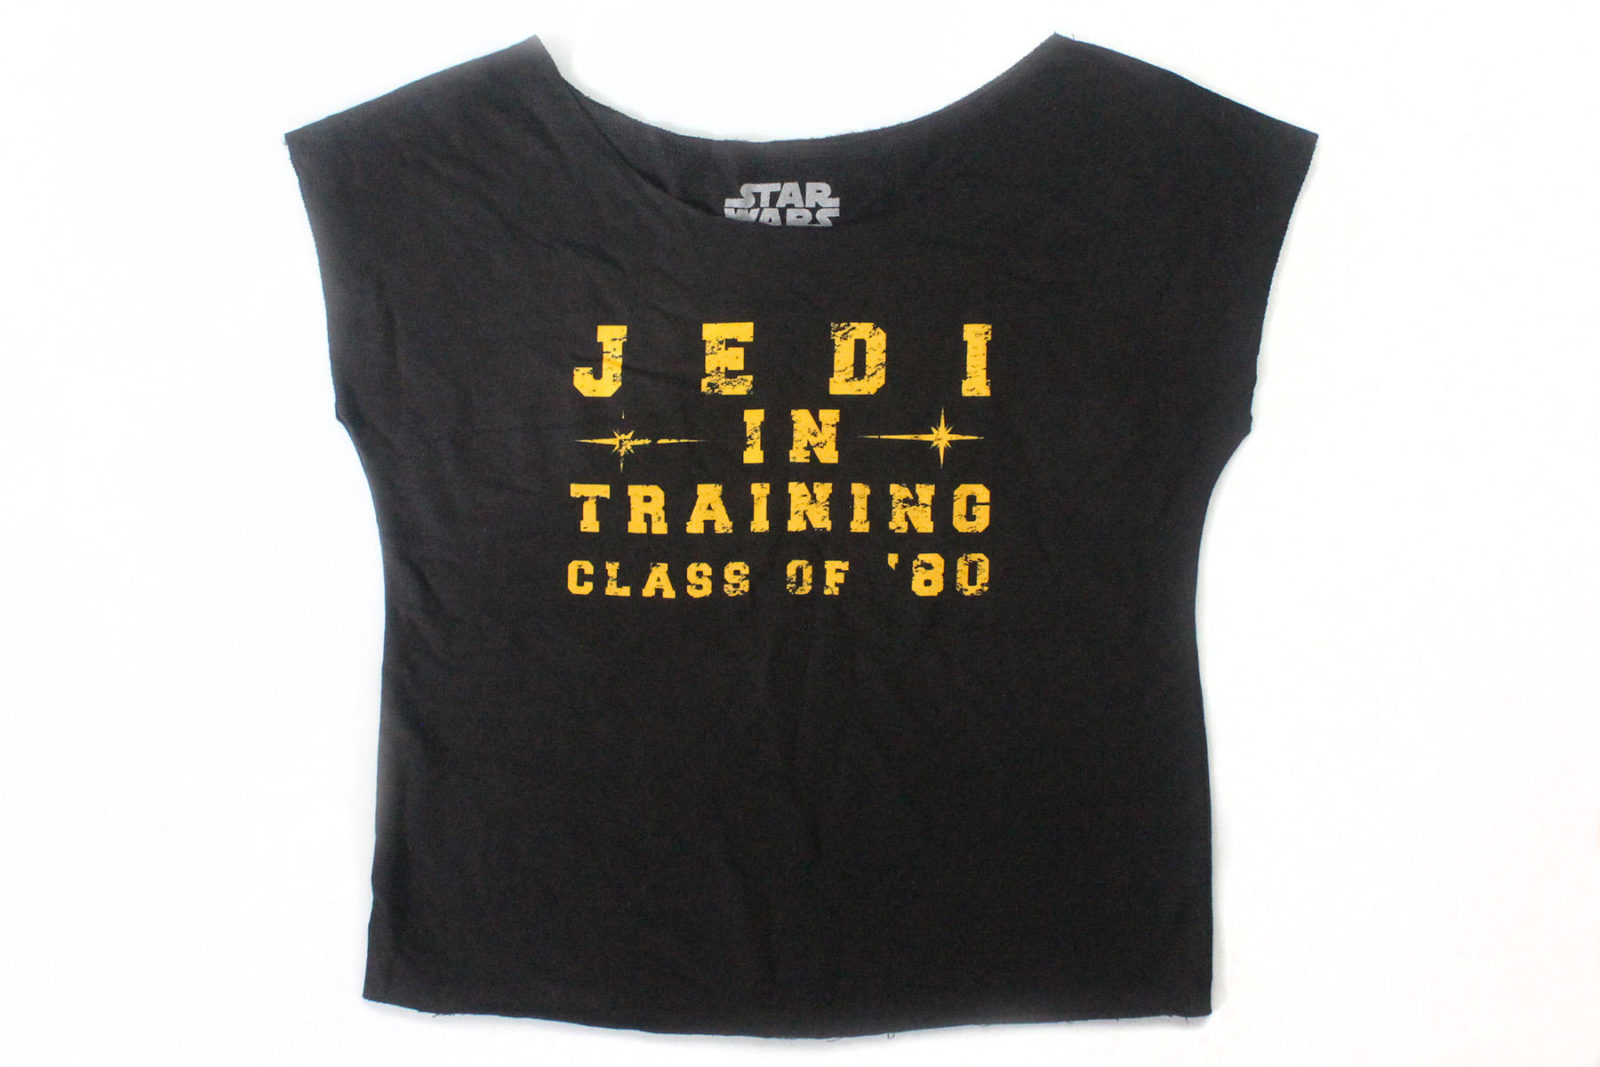 Her Universe - women's Jedi In Training dolman top